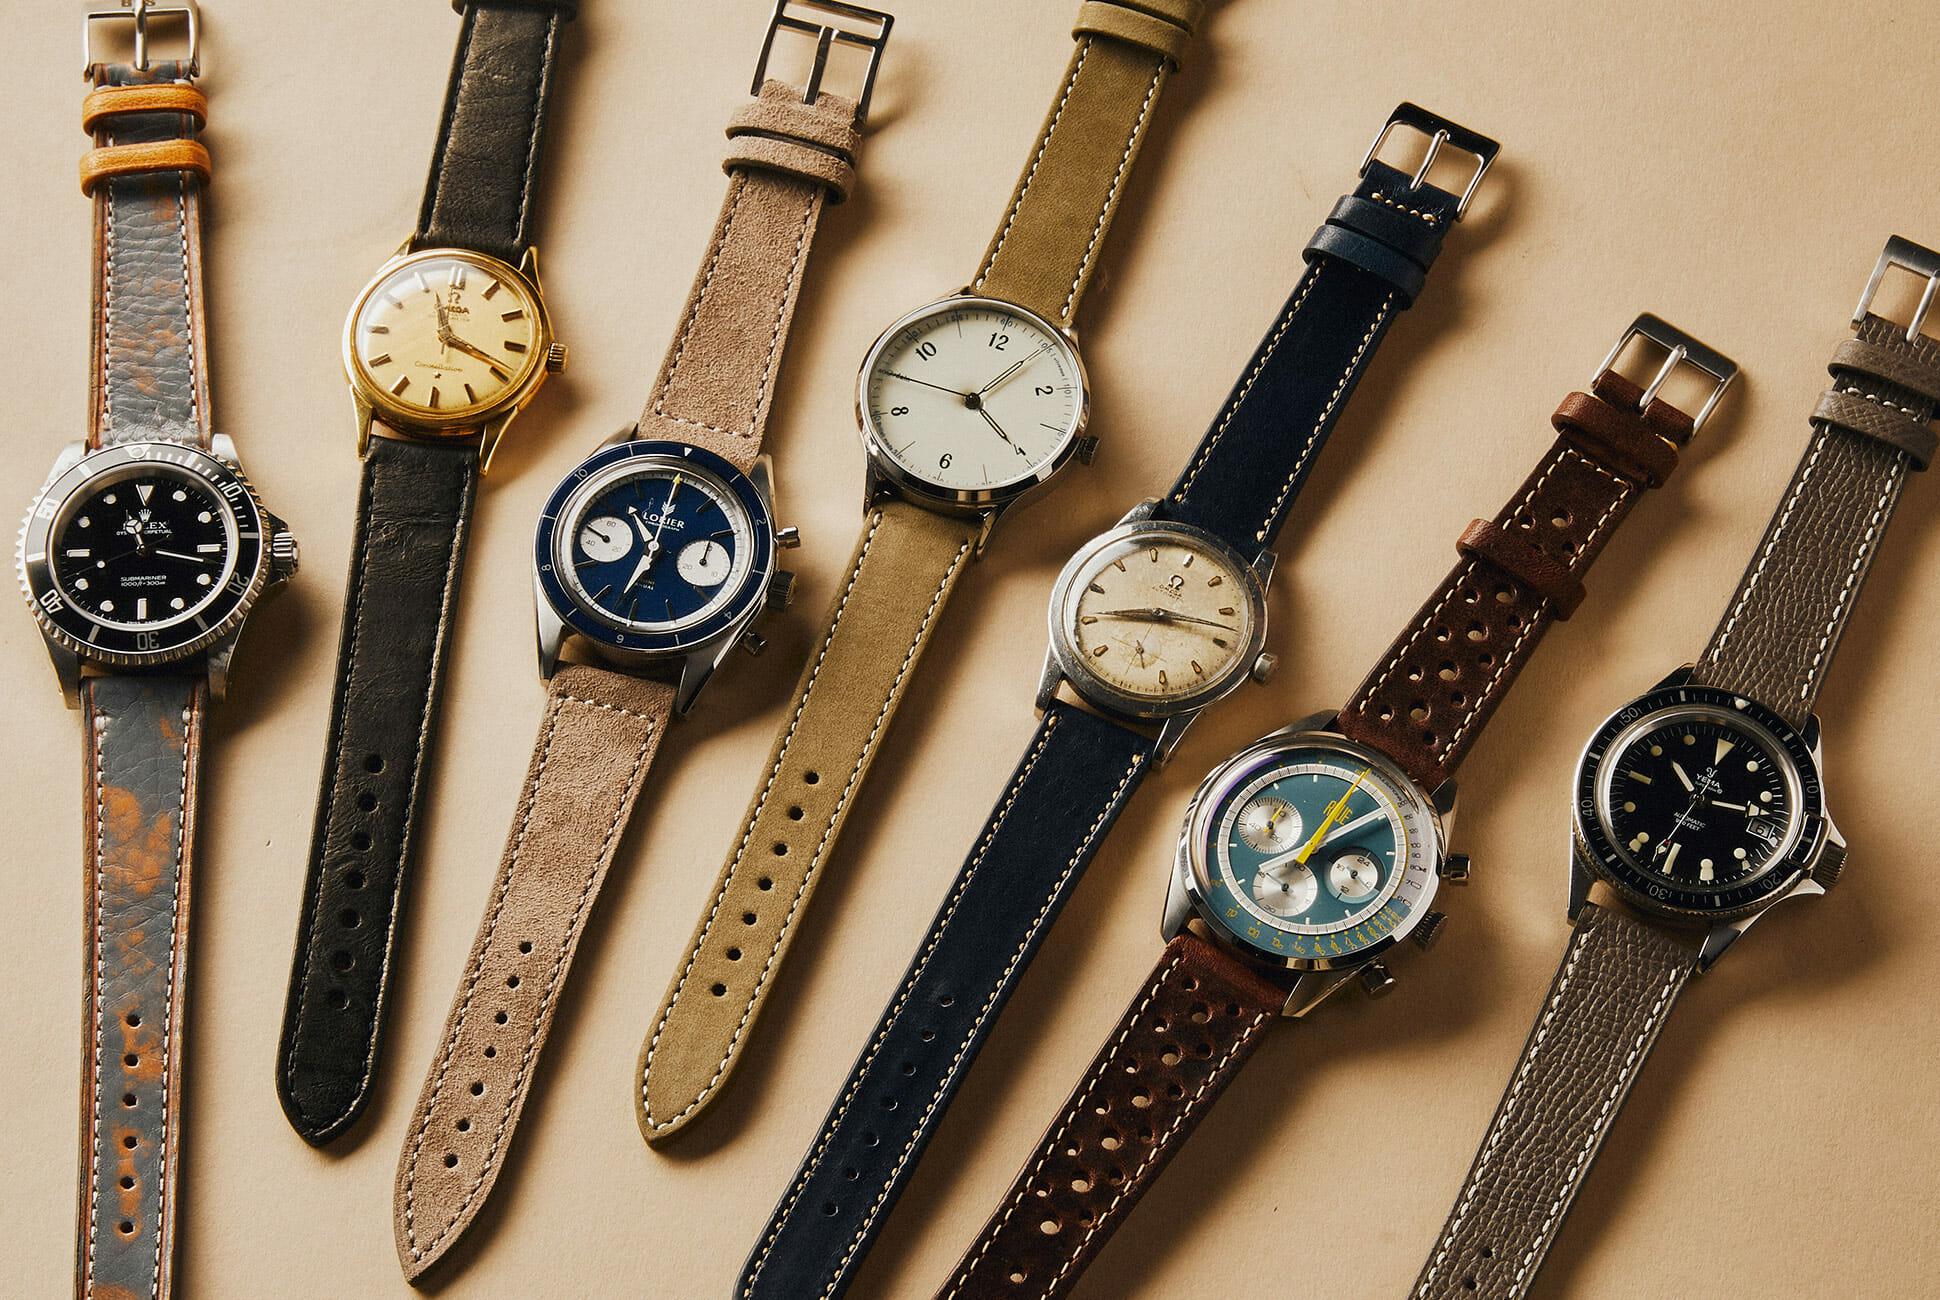 Cách chọn kích cỡ dây đeo đồng hồ cực chuẩn